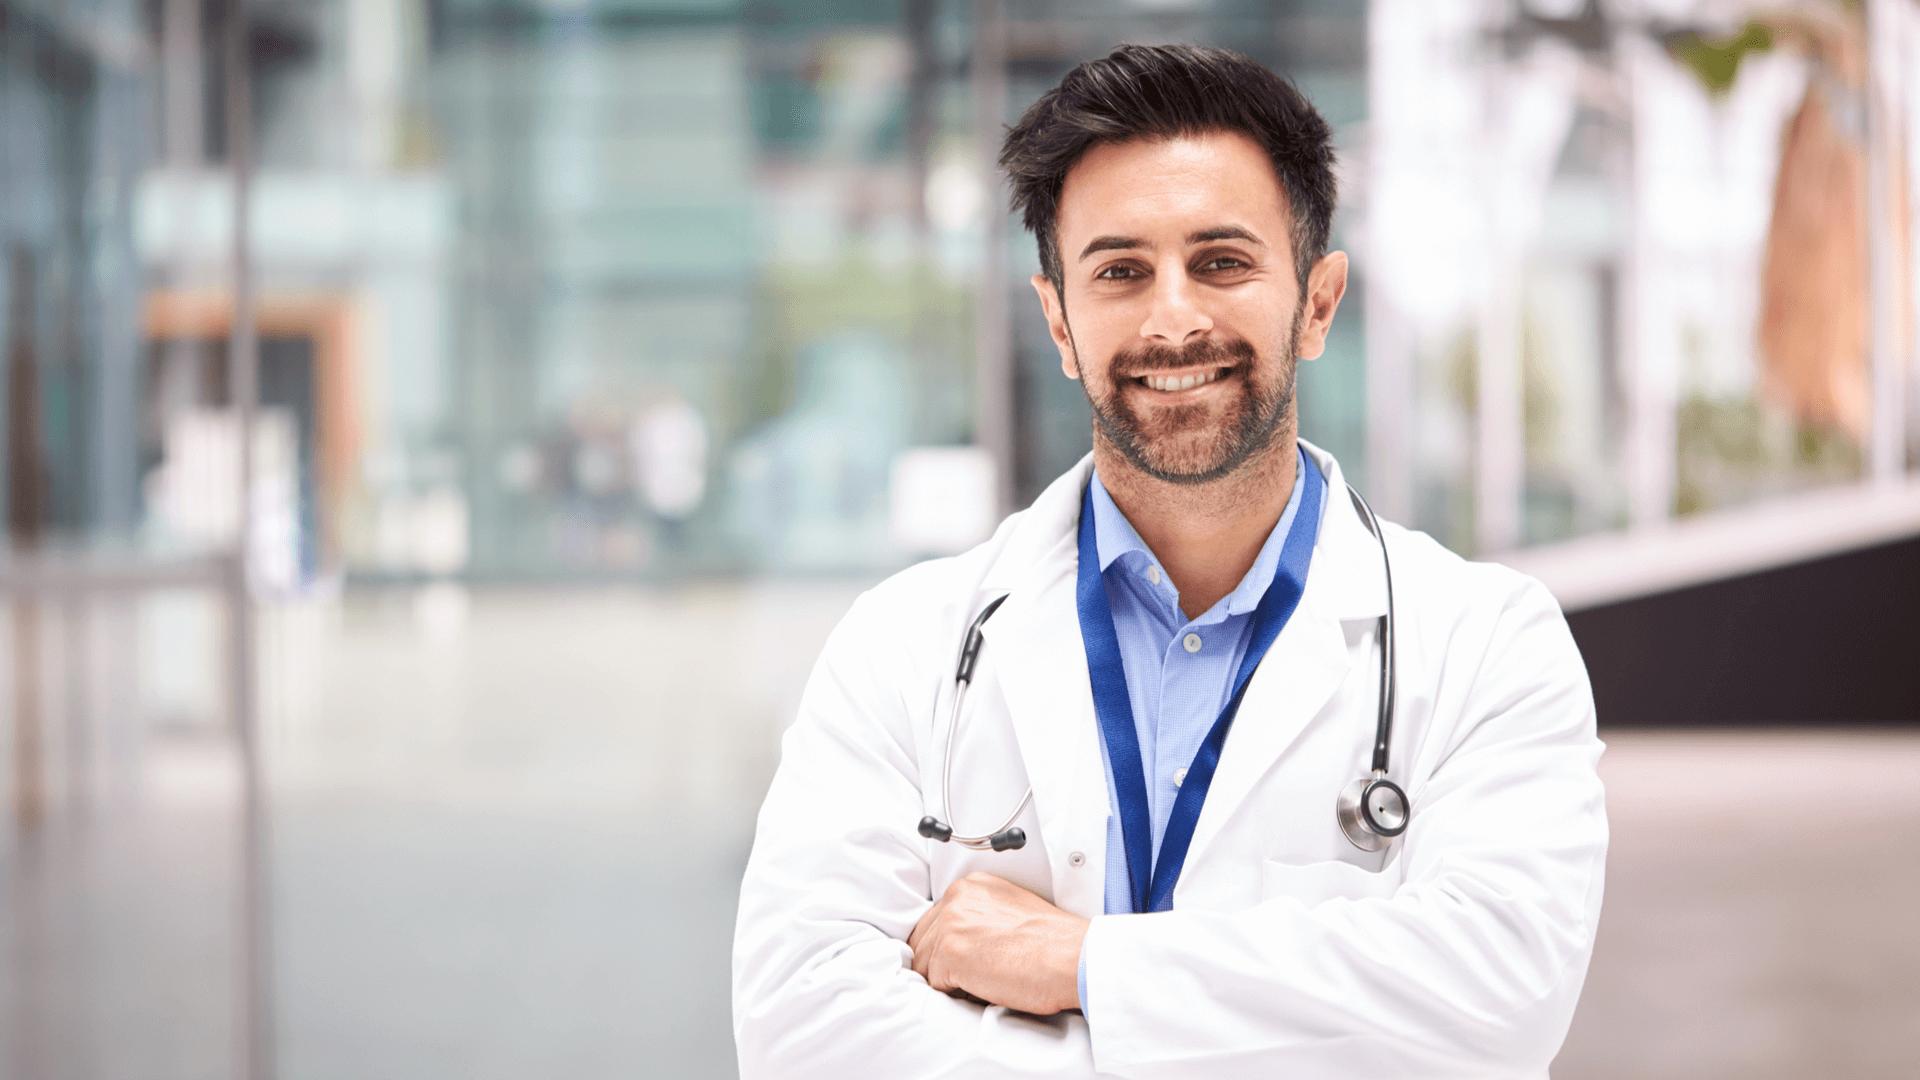 Zdarzenia Medyczne w drEryk eGabinet - lekarz prywatny w gabinecie